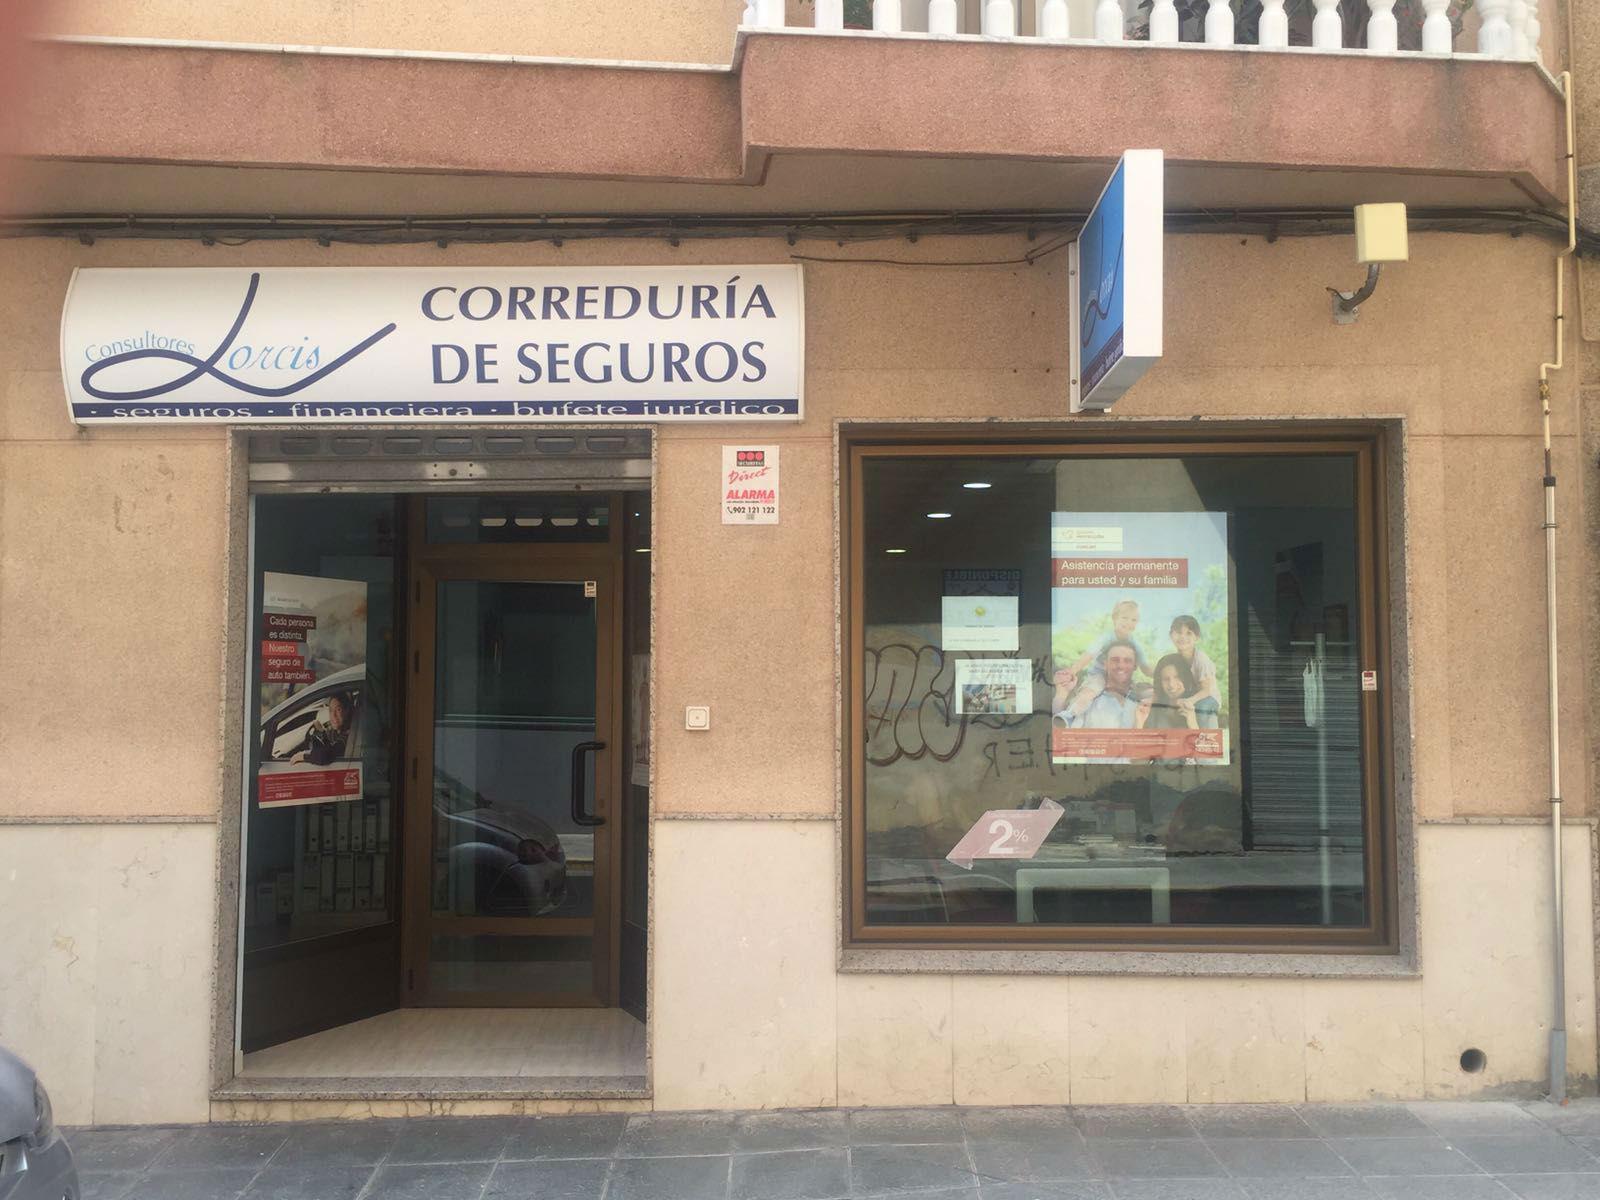 Oficina Central Lorcis Consultores en el ejido